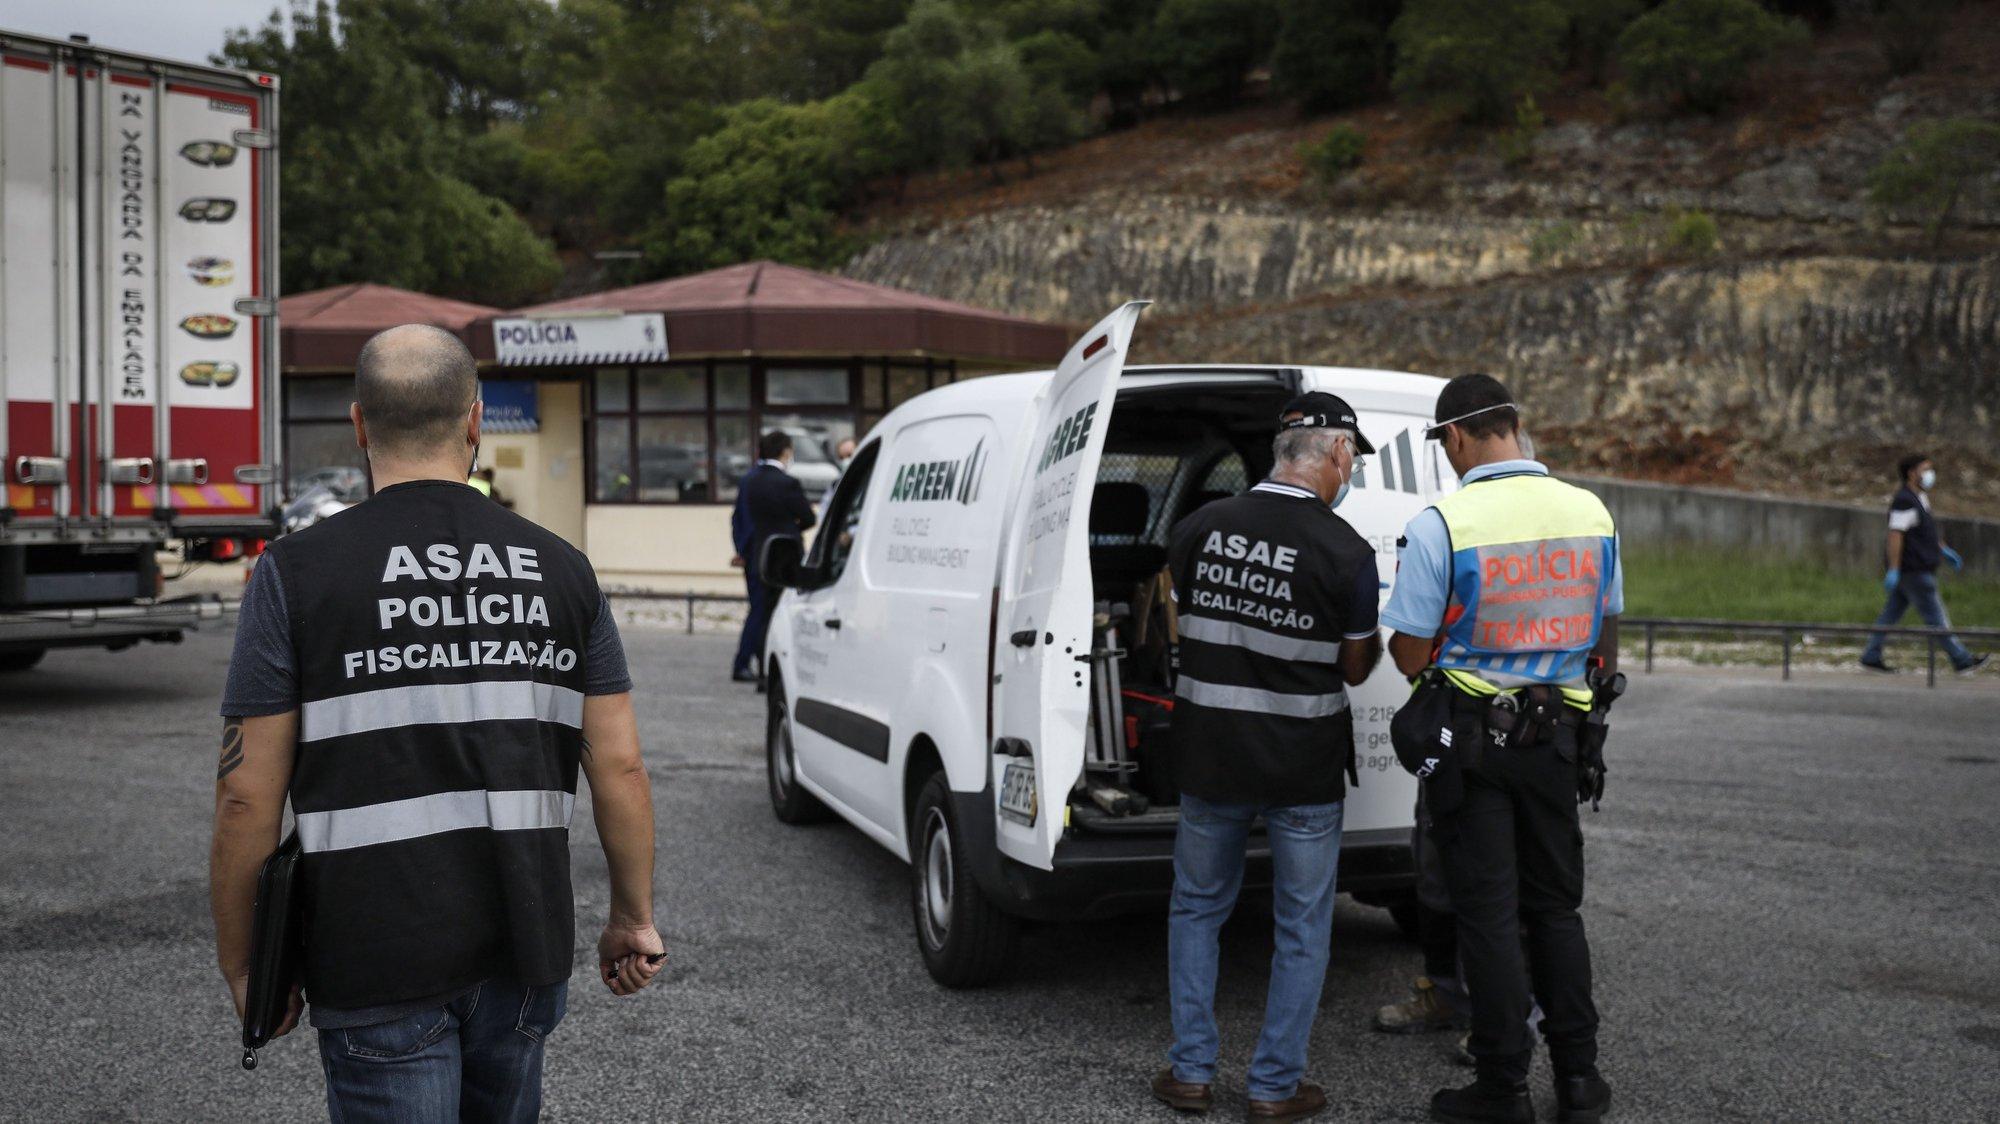 Inspetores da  ASAE e agentes da Polícia de Segurança Pública (PSP) durante uma operação de fiscalização a nível nacional, visando o controlo das condições de mercadorias em circulação (bens alimentares e não alimentares), na ponte 25 de Abril, em Lisboa, 24 de setembro de 2020. RODRIGO ANTUNES/LUSA